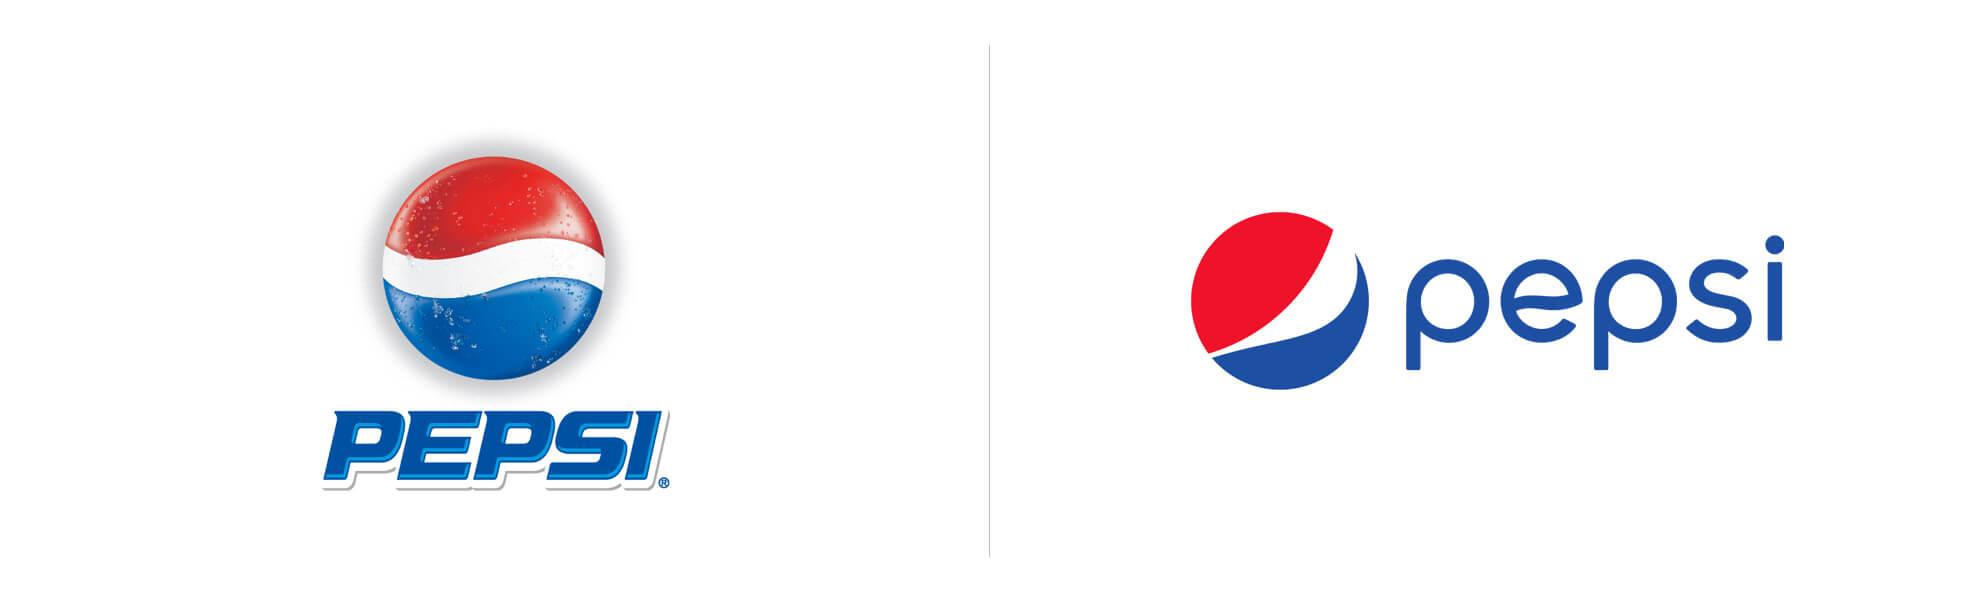 Noe logo Pepsi wprowadzone w2009 roku